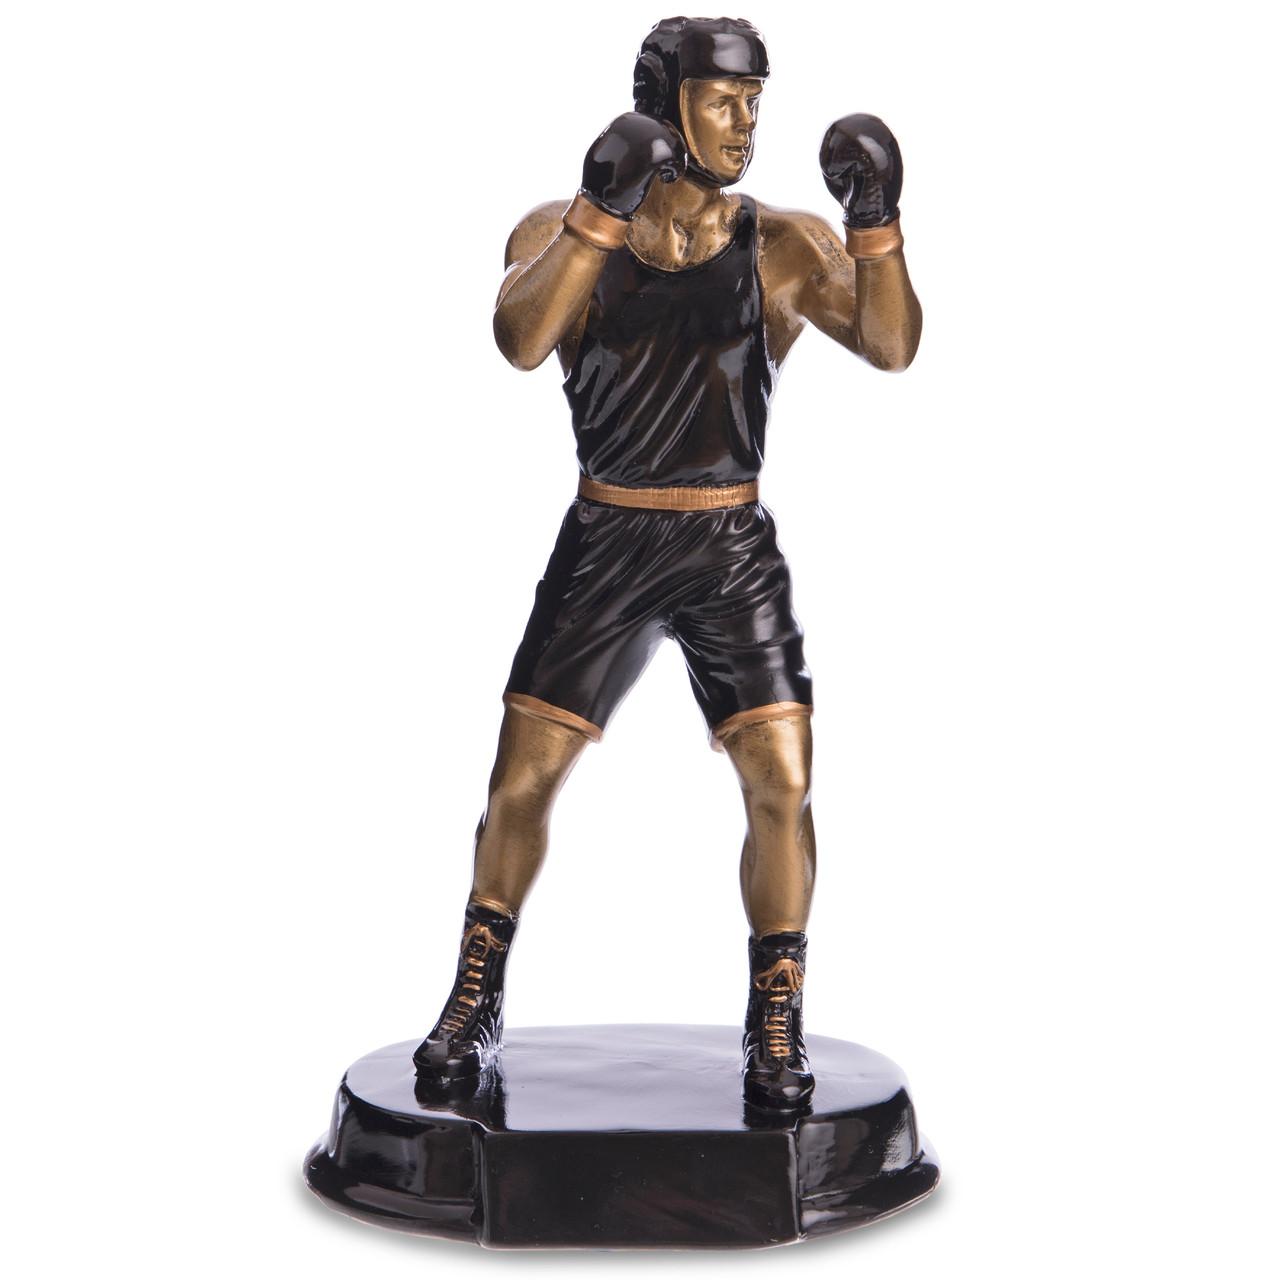 Статуетка нагородна спортивна Бокс Боксер SP Sport C-1761-A